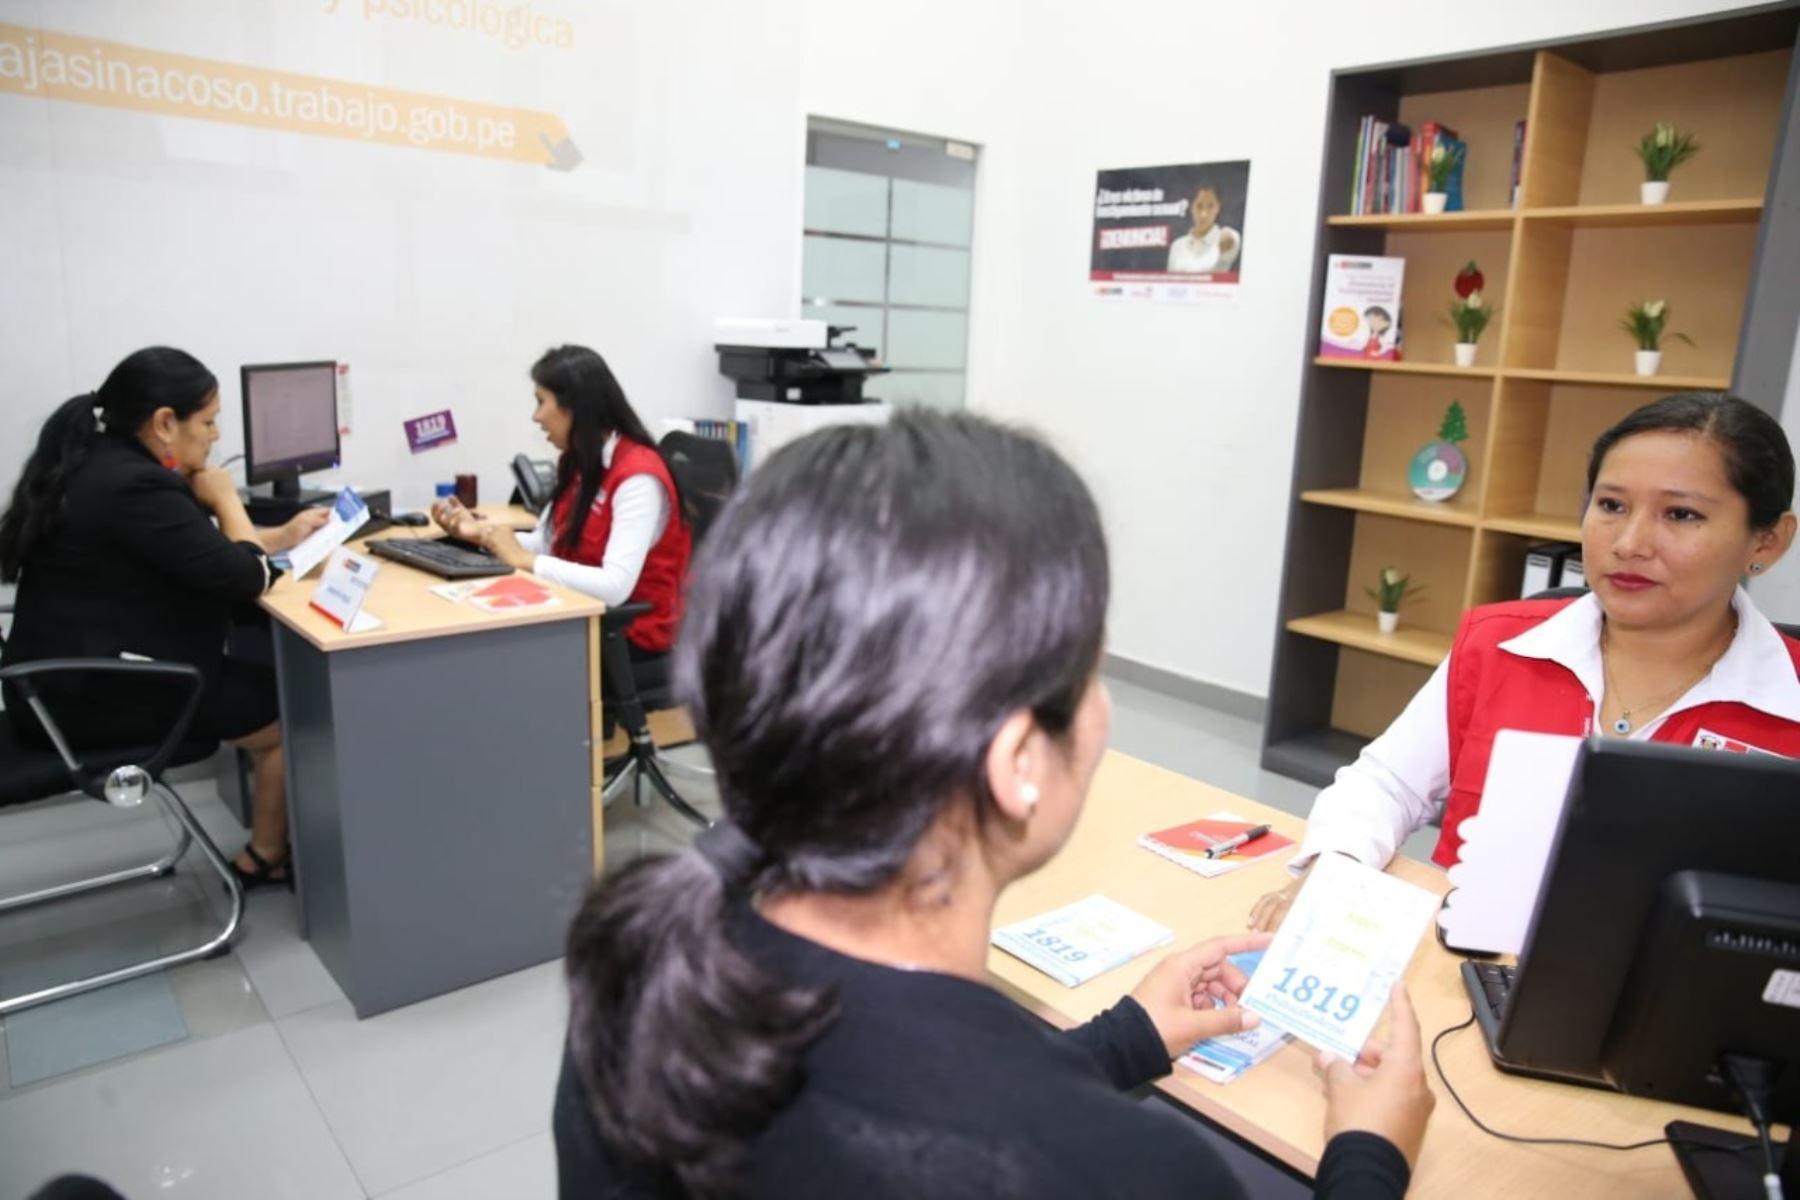 95% de denuncias por hostigamiento sexual laboral corresponde a mujeres, informa el Ministerio de Trabajo. Foto: ANDINA/Difusión.